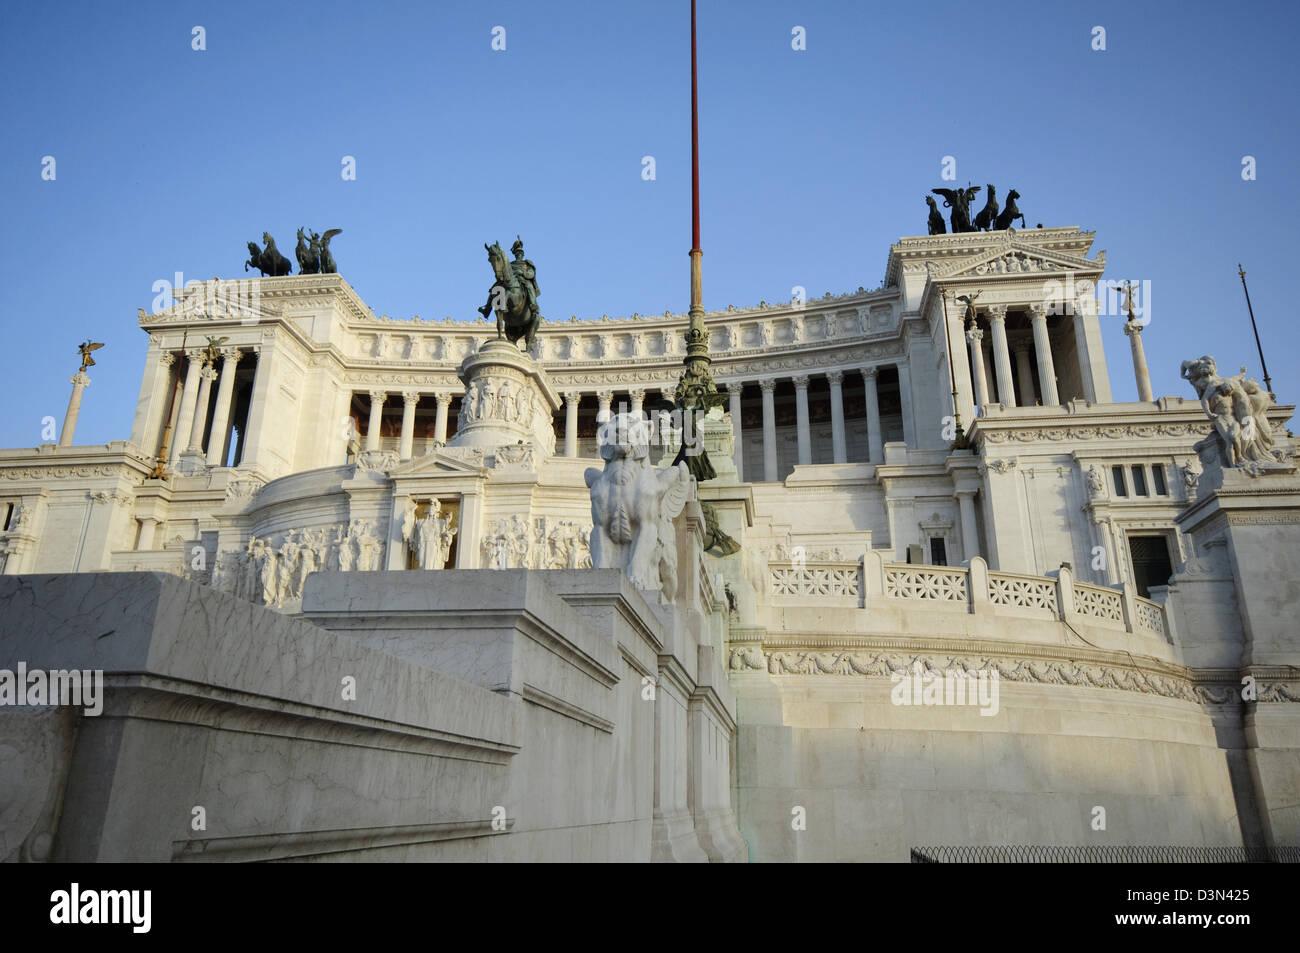 L'Italie, Lazio, Rome, la Piazza Venezia, monument de Vittorio Emanuele II, également connu sous le nom Photo Stock